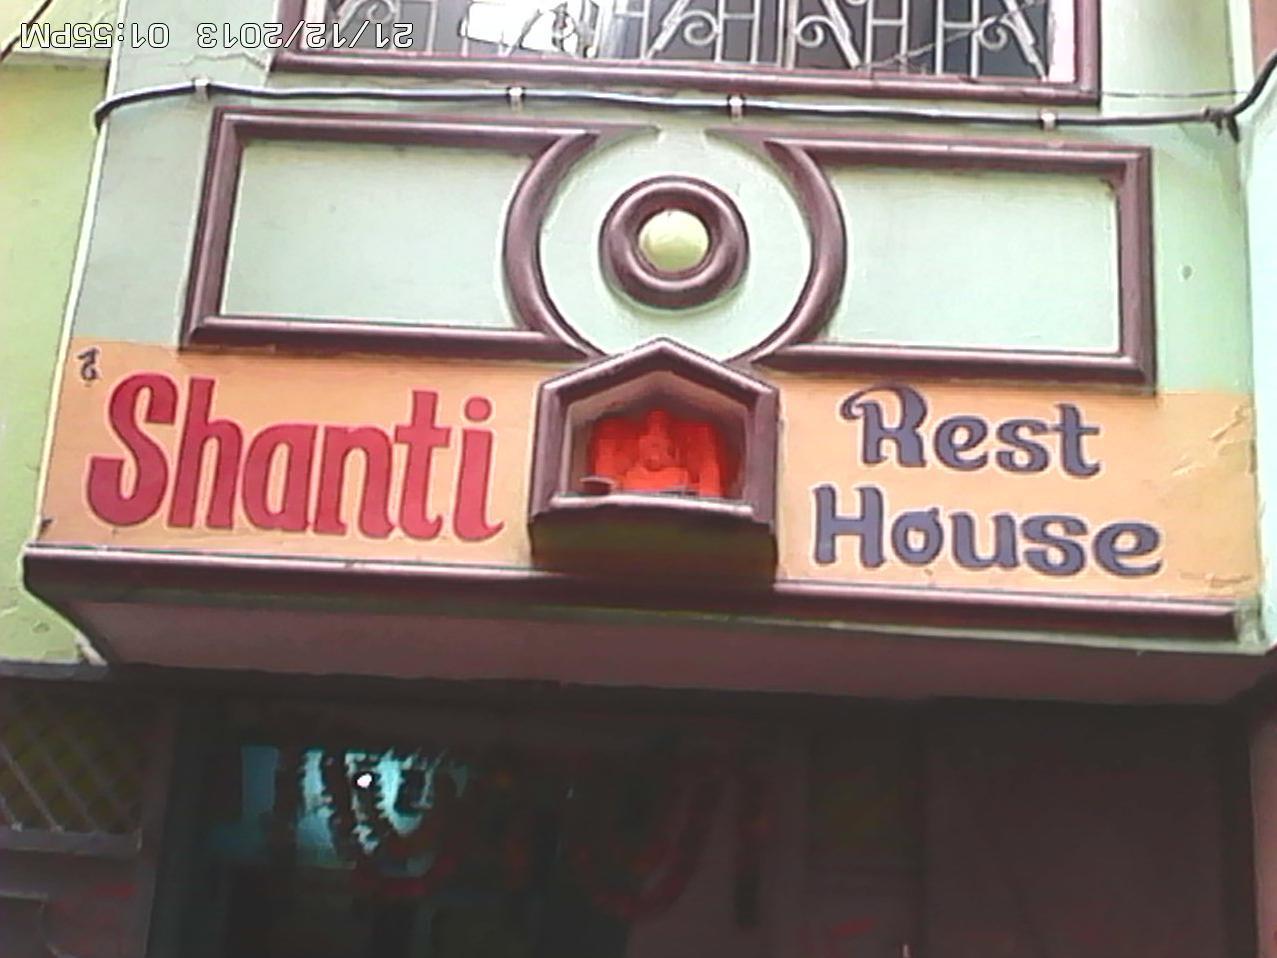 Shanti Rest House - Varanasi